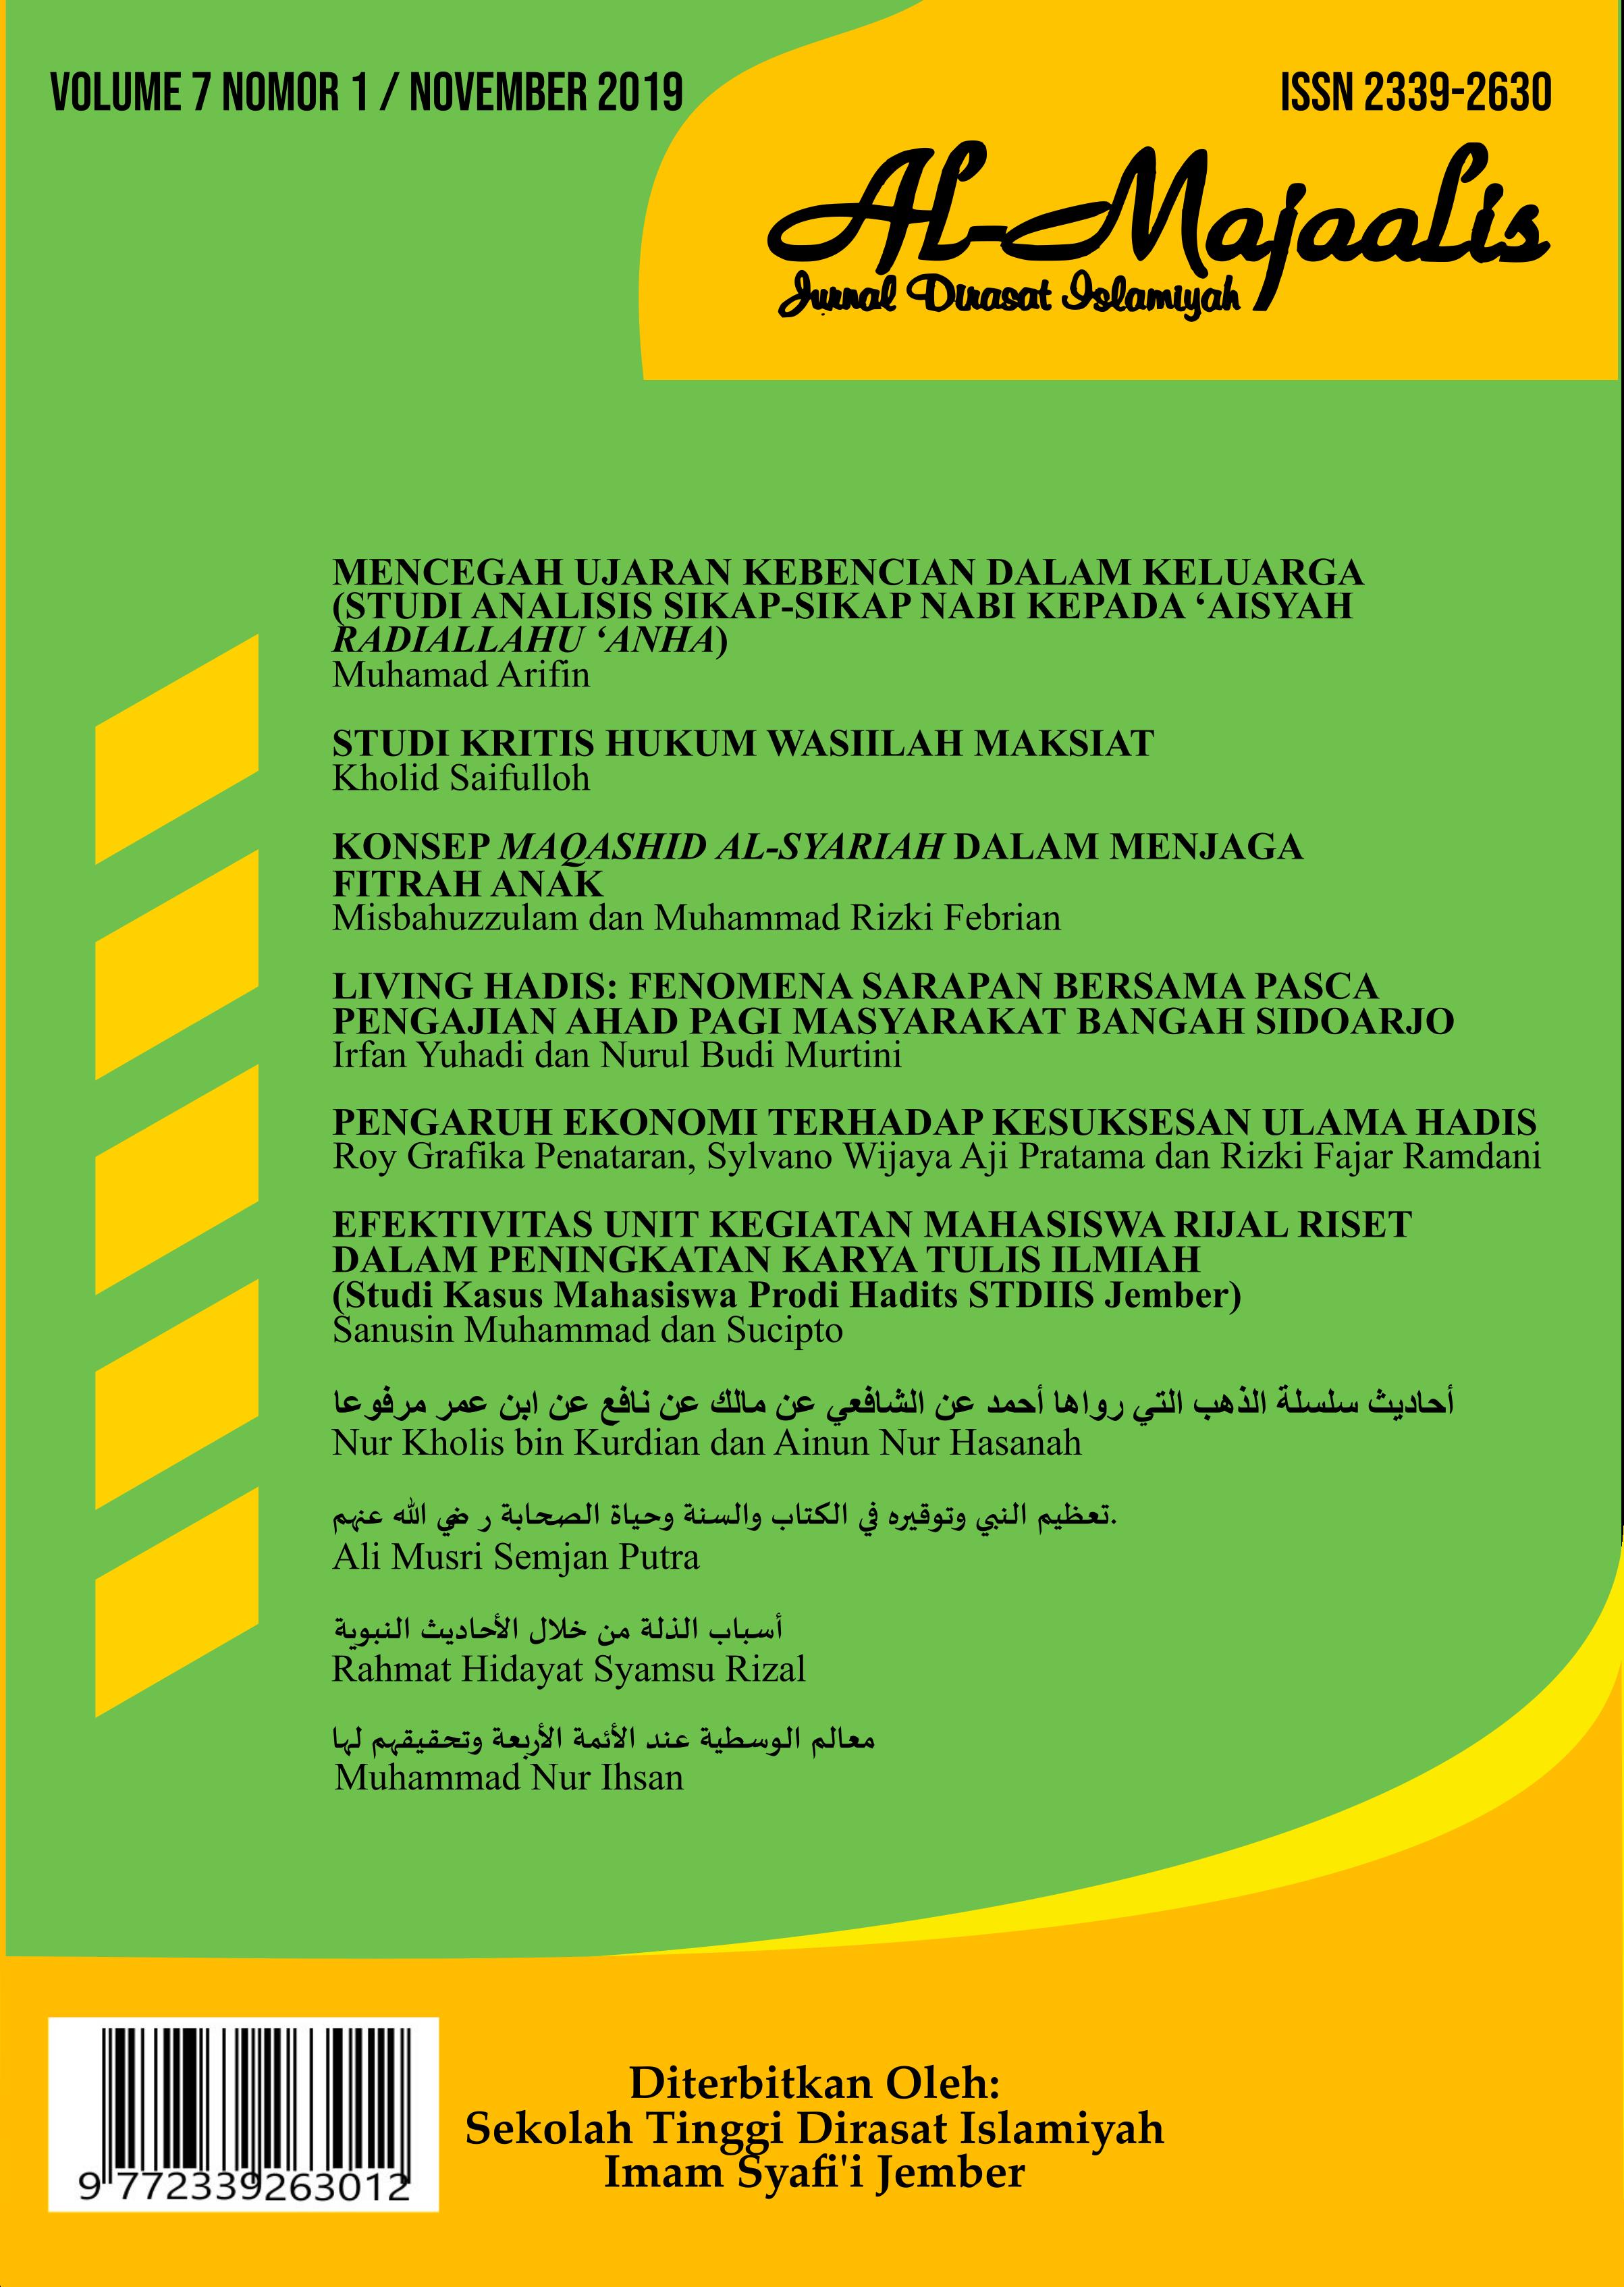 Lihat Vol 7 No 1 (2019): AL-MAJAALIS : JURNAL DIRASAT ISLAMIYAH